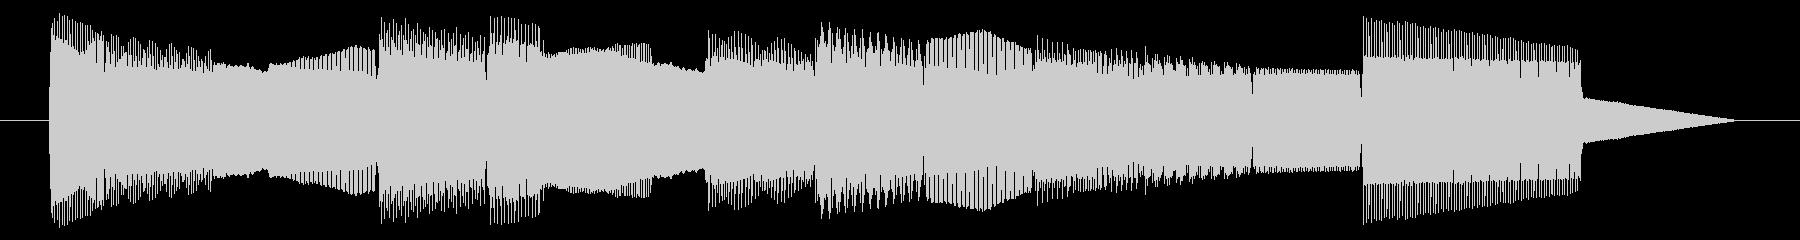 NES アクションB04-2(クリア1)の未再生の波形